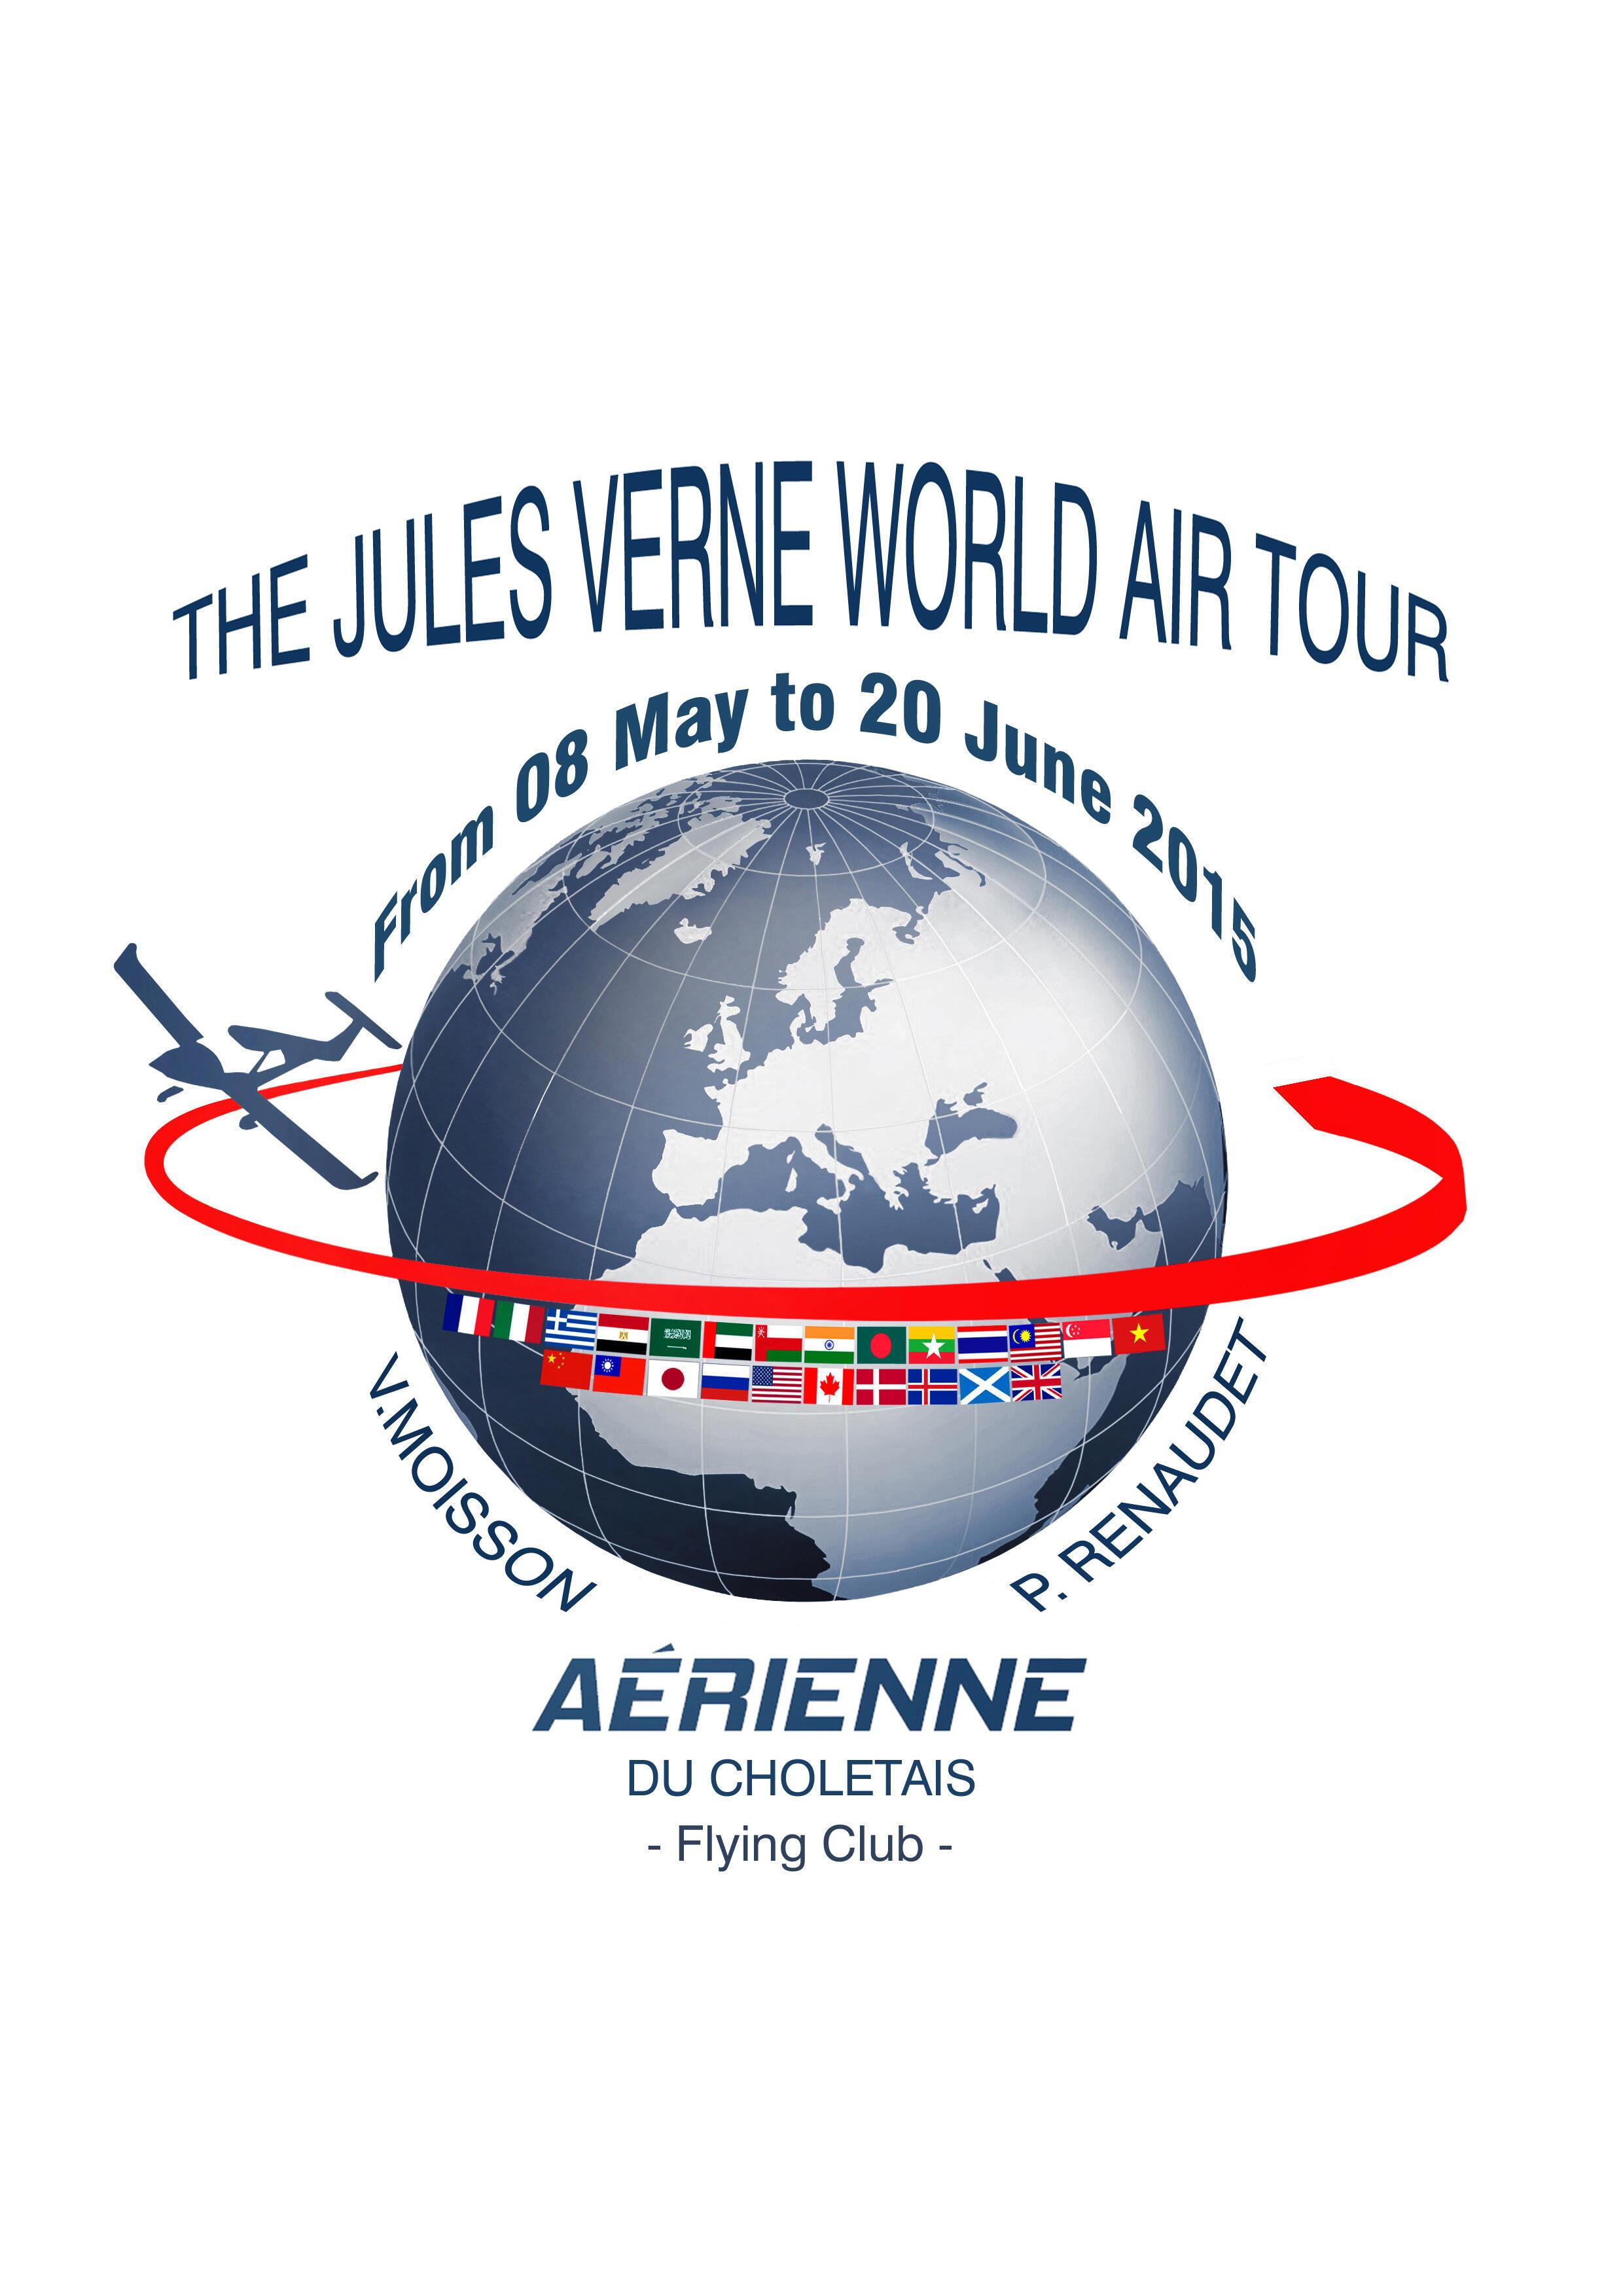 法國紹萊(Cholet)航空的飛行俱樂部的兩名成員將駕駛MCR45 小型飛機探險飛行